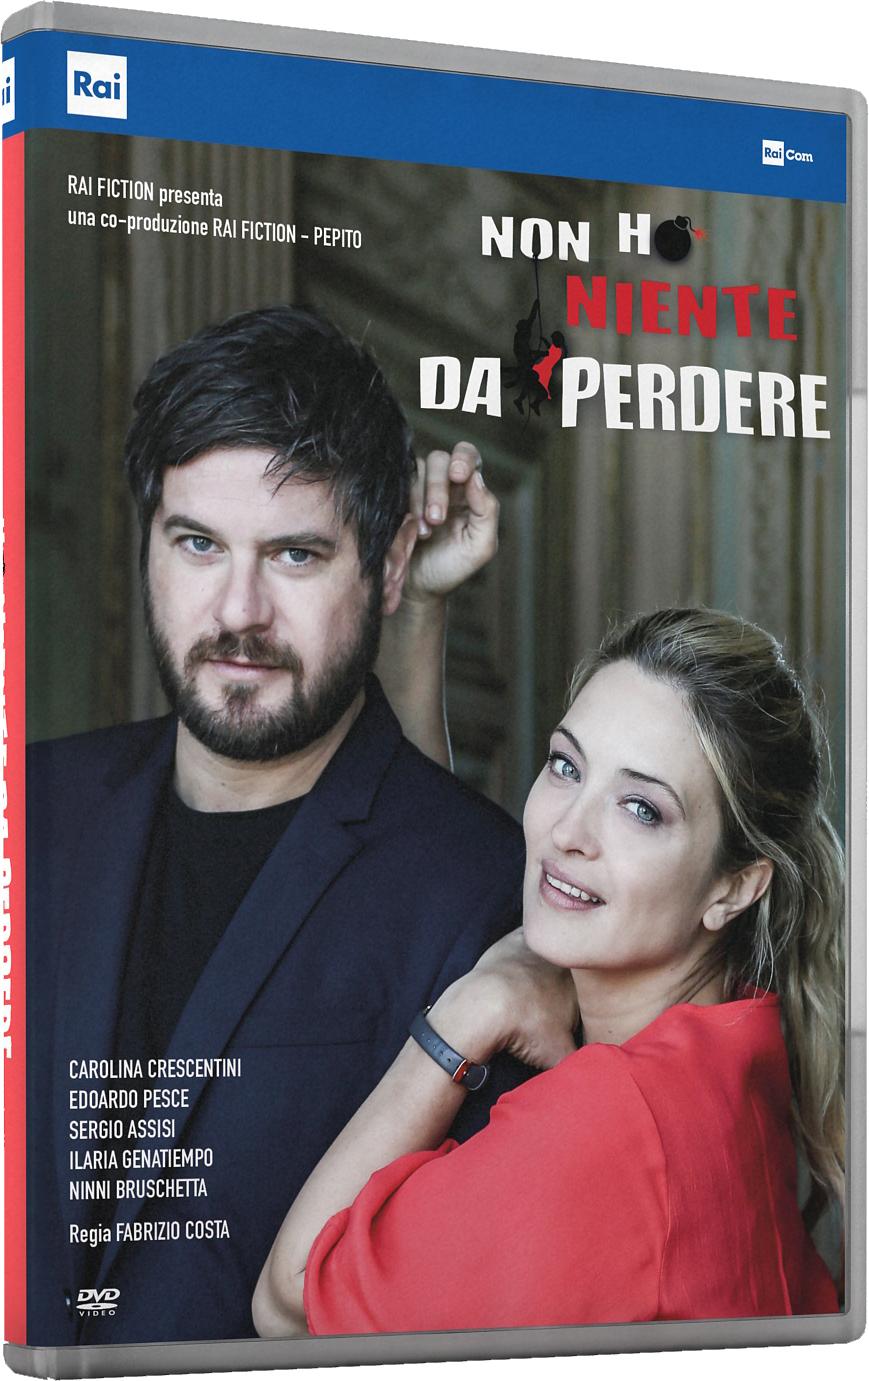 NON HO NIENTE DA PERDERE (DVD)